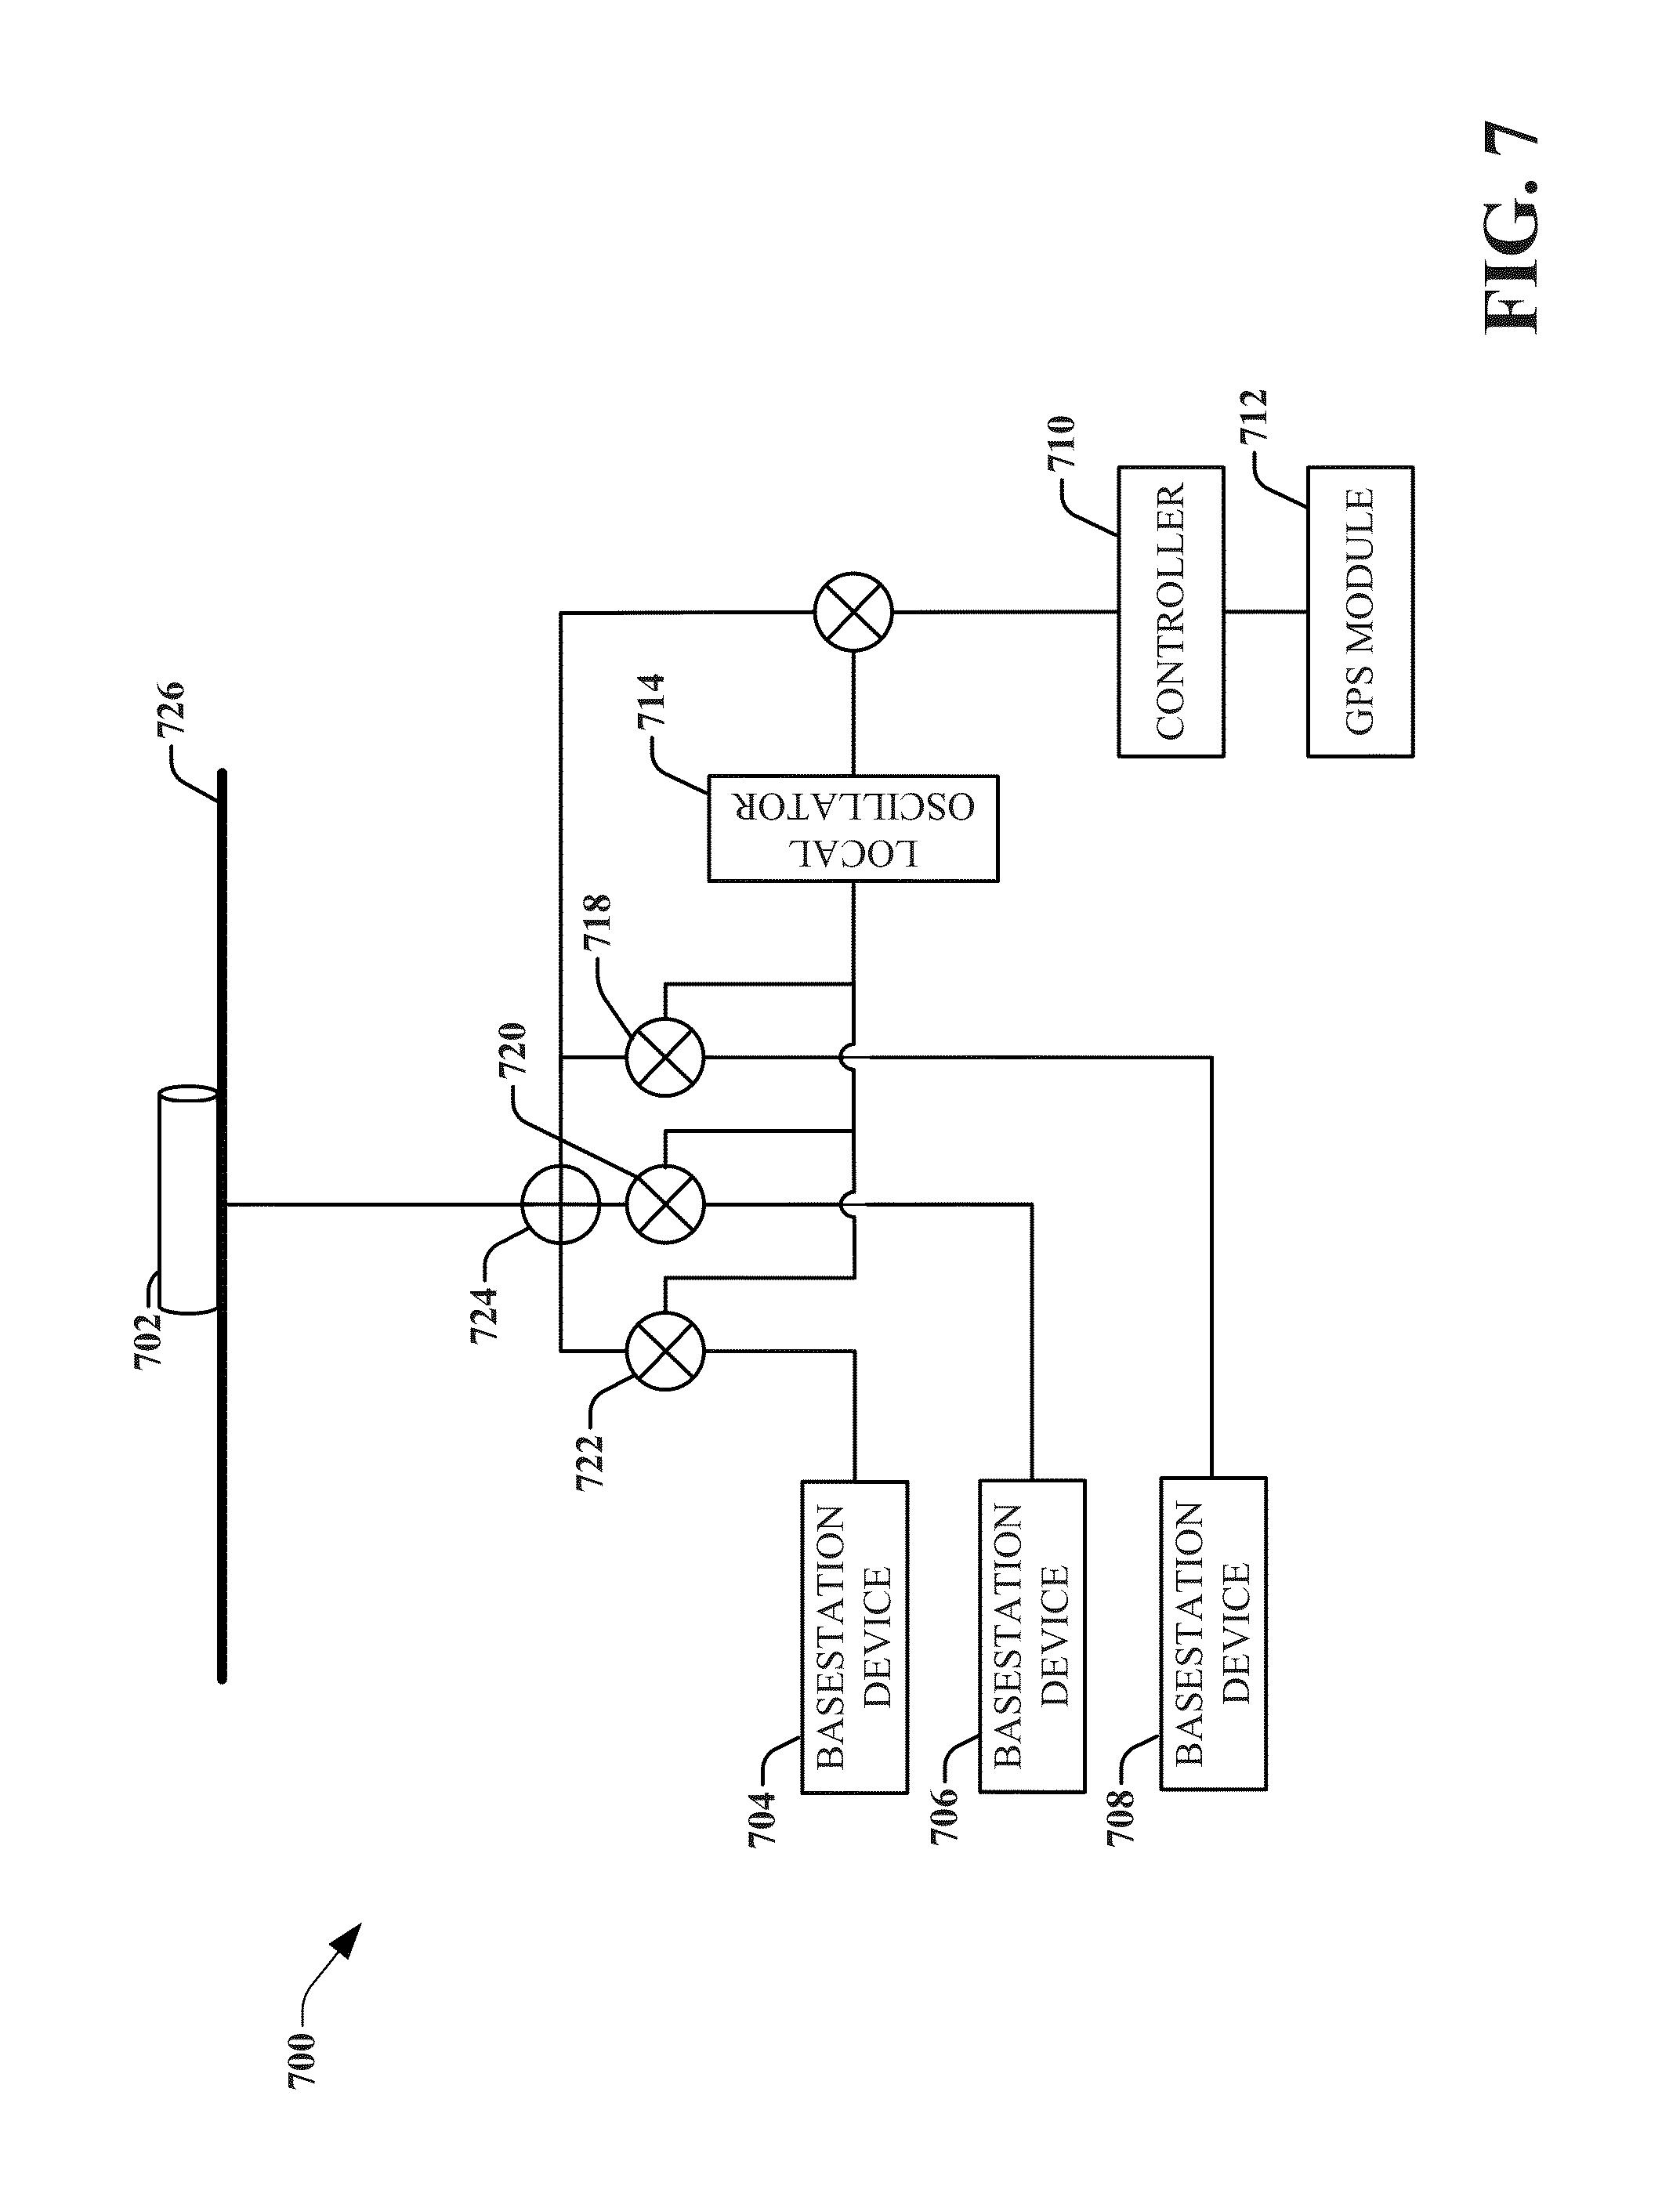 Trex Winch Wiring Diagram